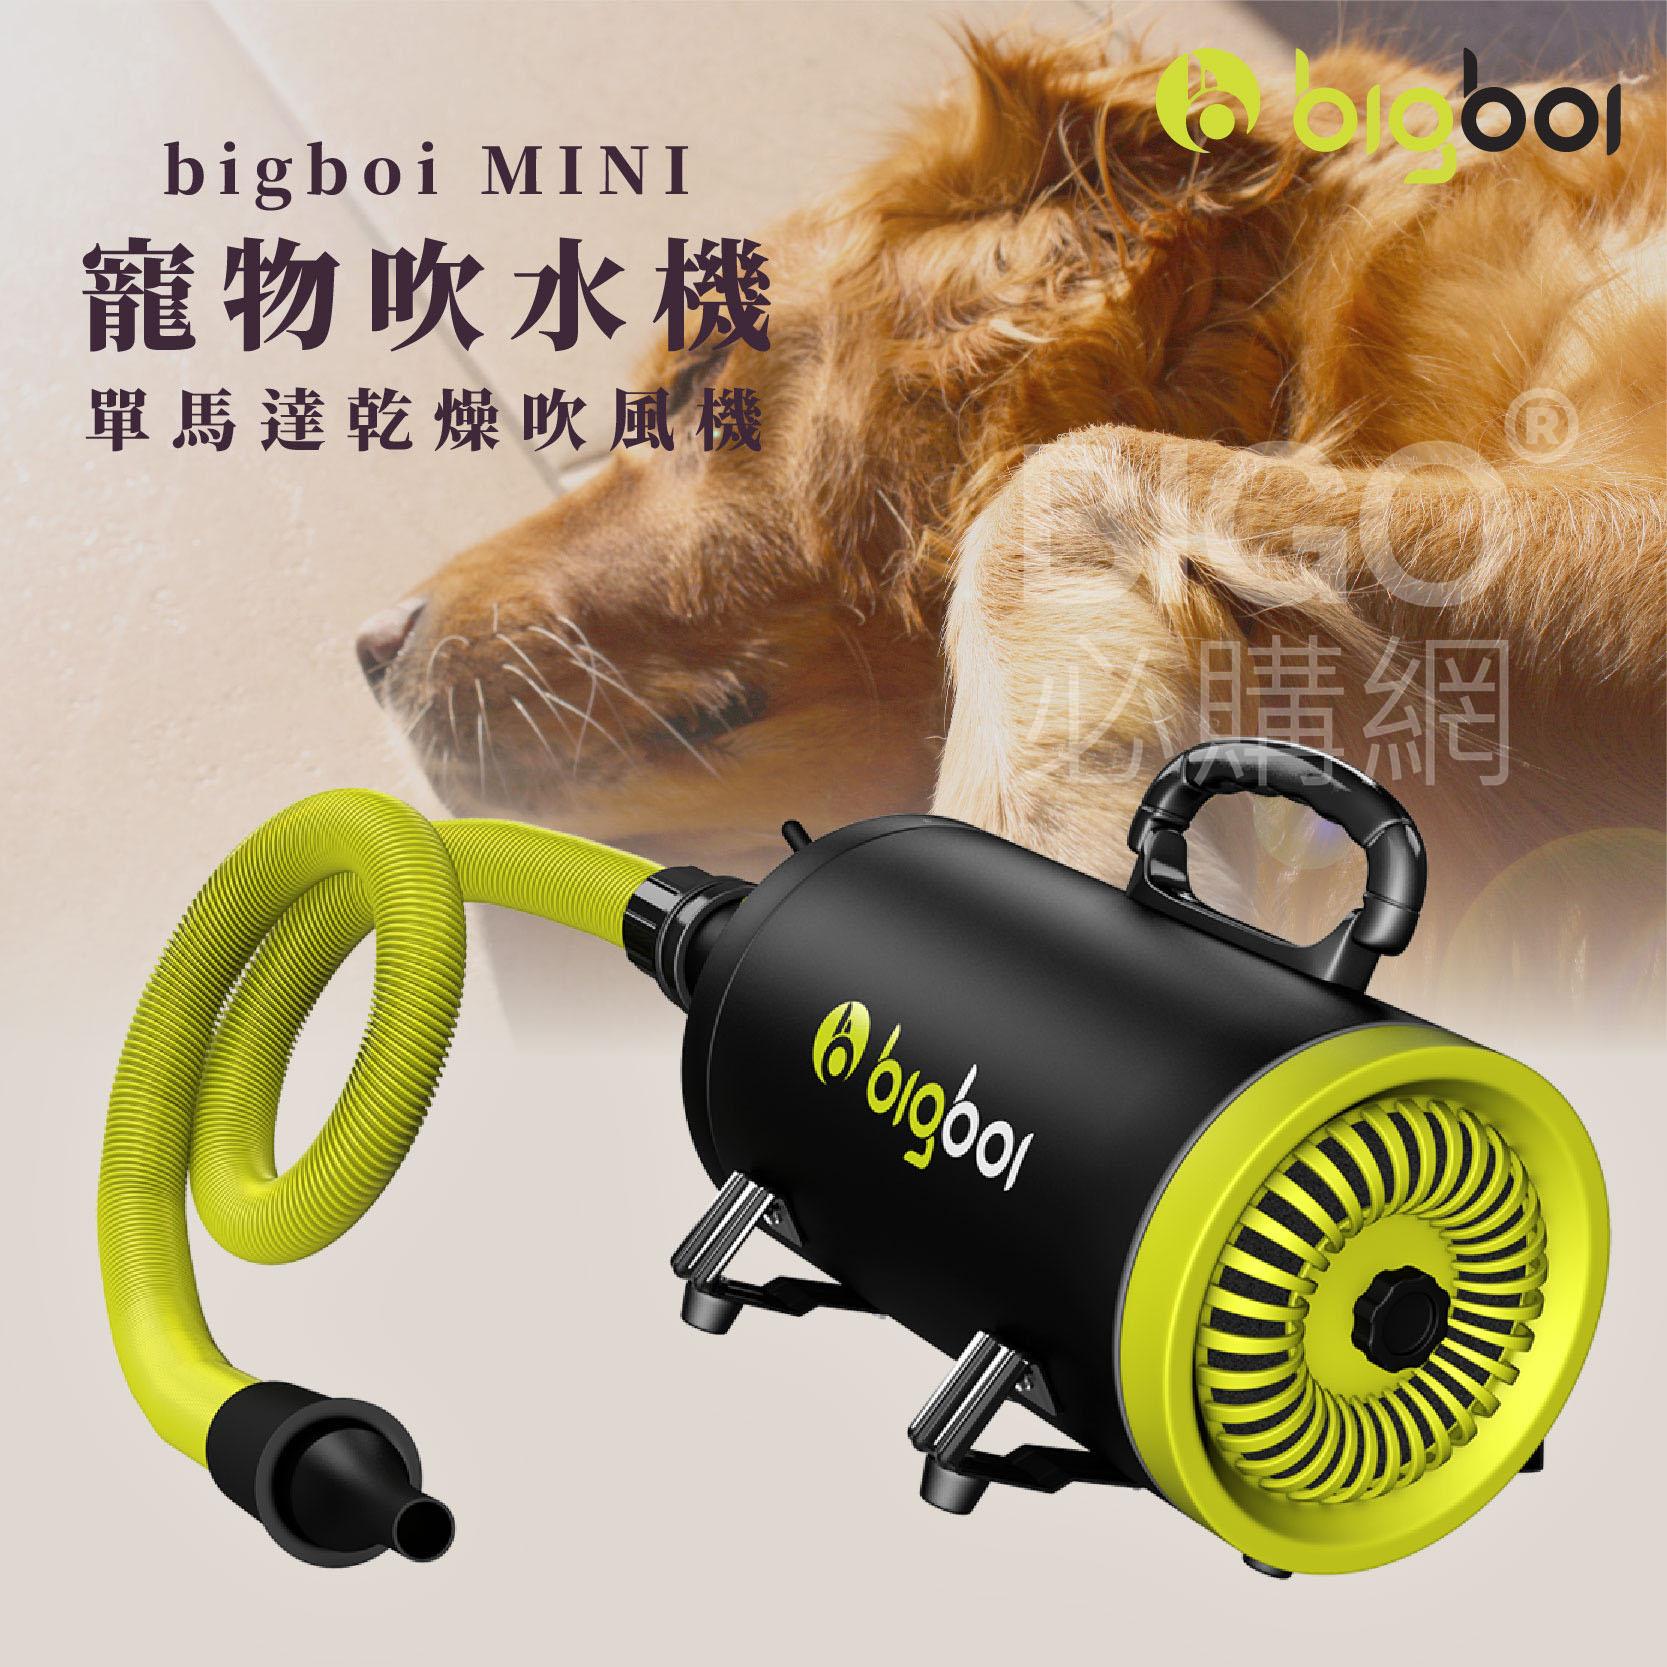 熱銷【bigboi】MINI 寵物單馬達吹風機 吹水機 低噪音 吹風機 乾燥 烘乾 洗澡 清潔 美容 貓狗必備